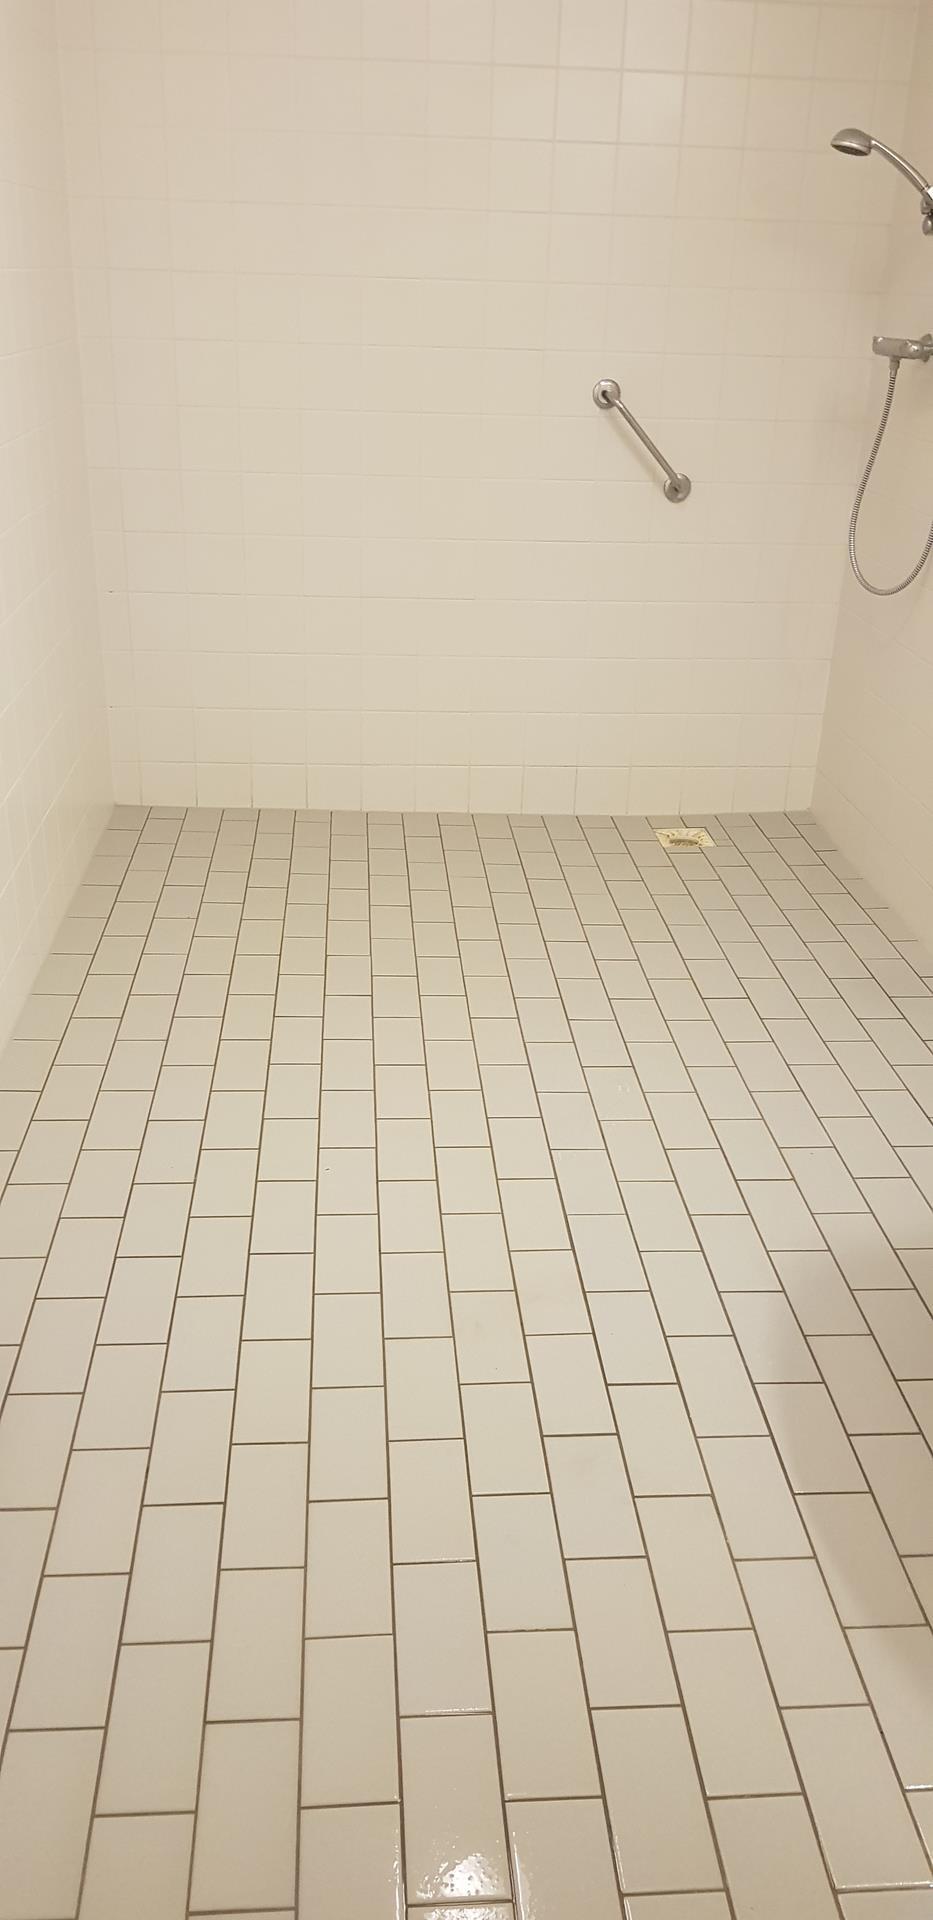 Badkamervloer na behandeling met antislip